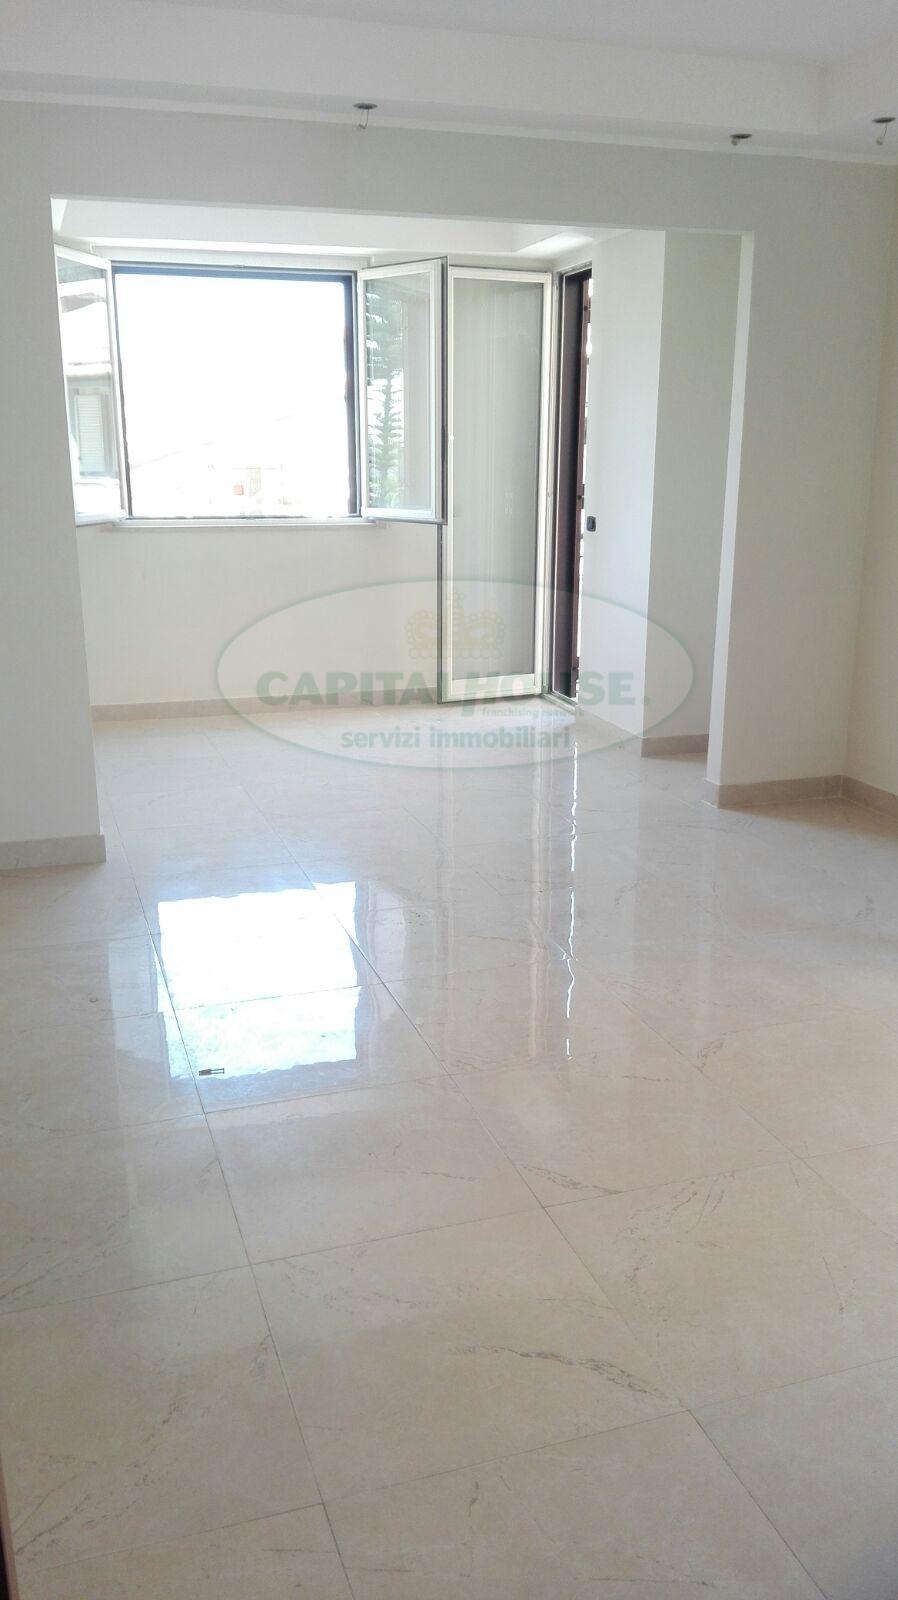 Appartamento in vendita a Macerata Campania, 3 locali, prezzo € 115.000 | Cambio Casa.it